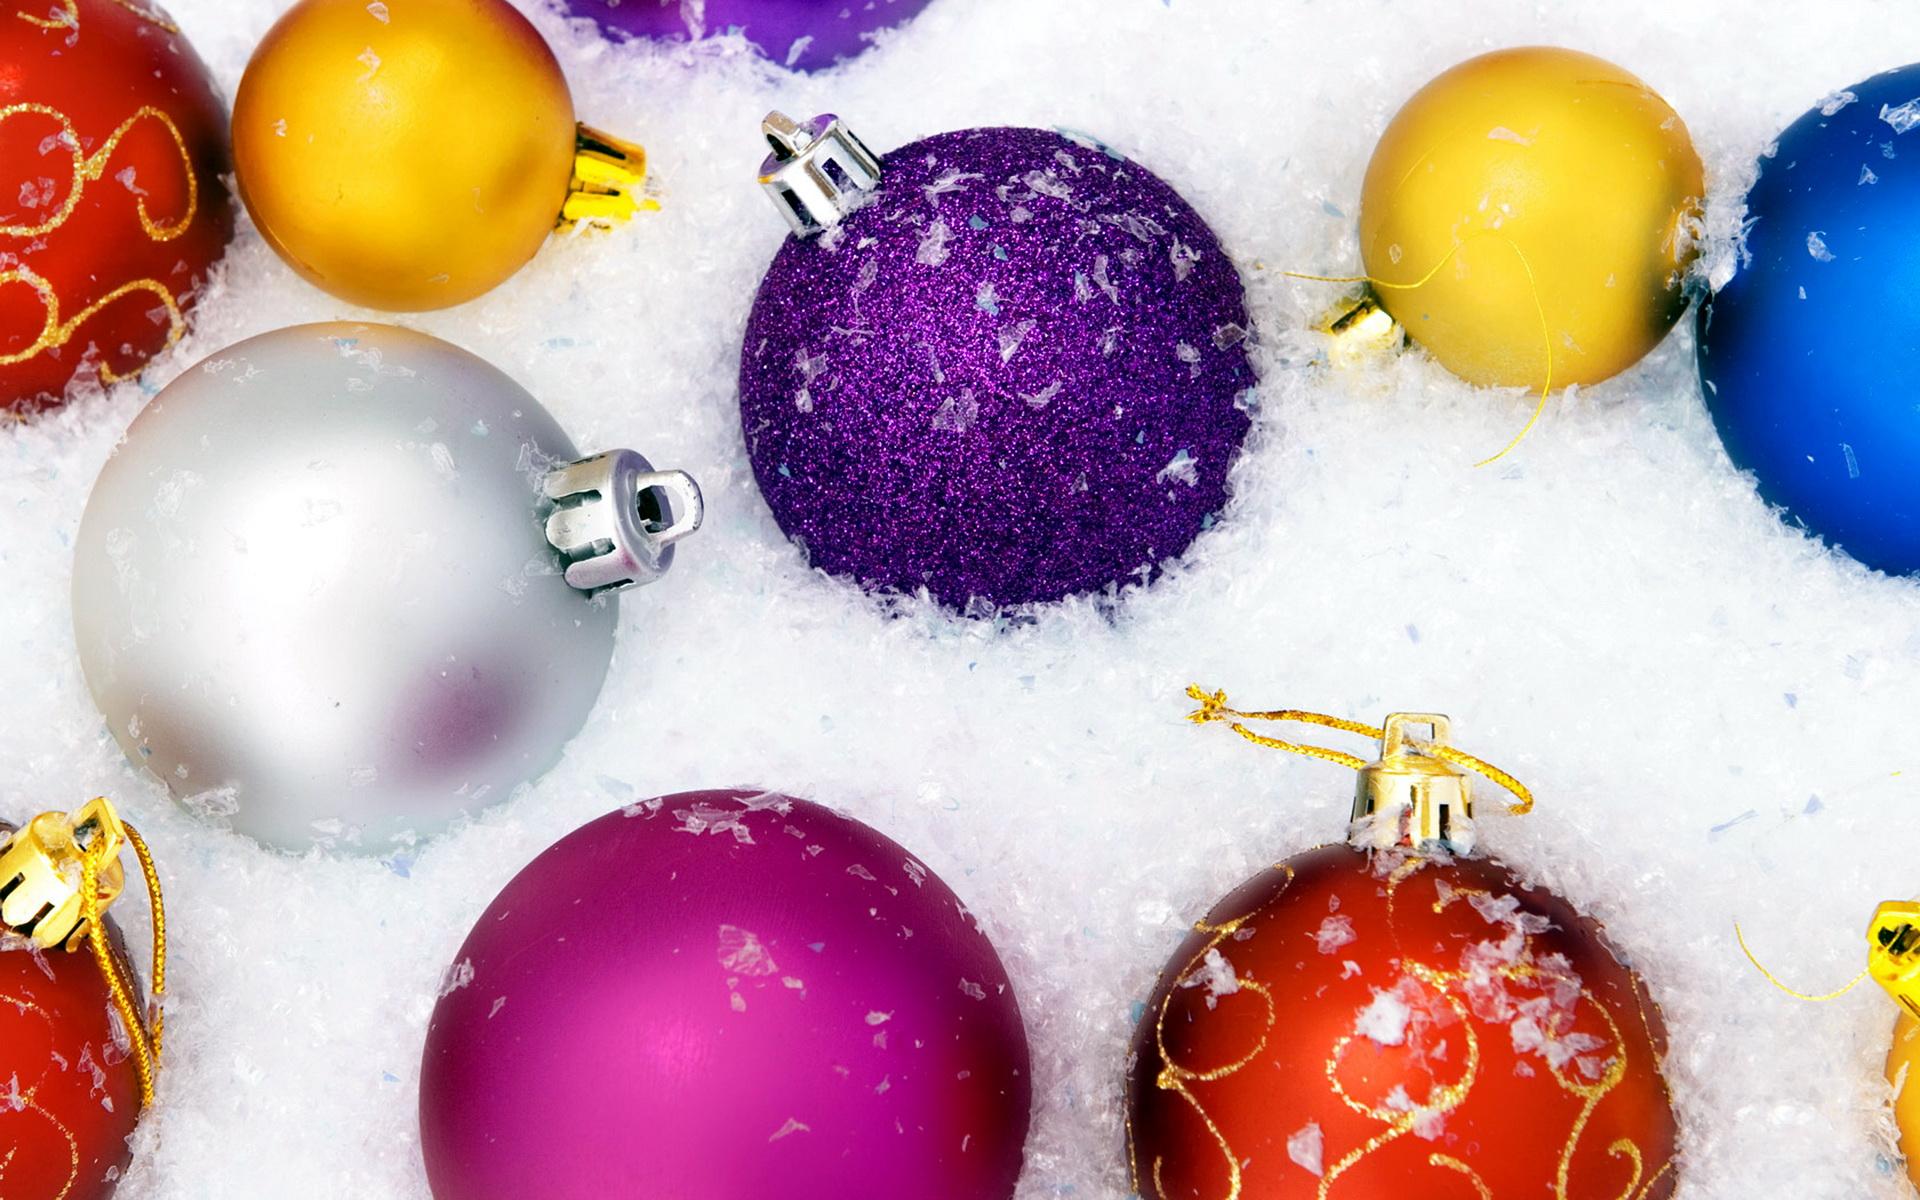 игрушки новый год toys new year бесплатно